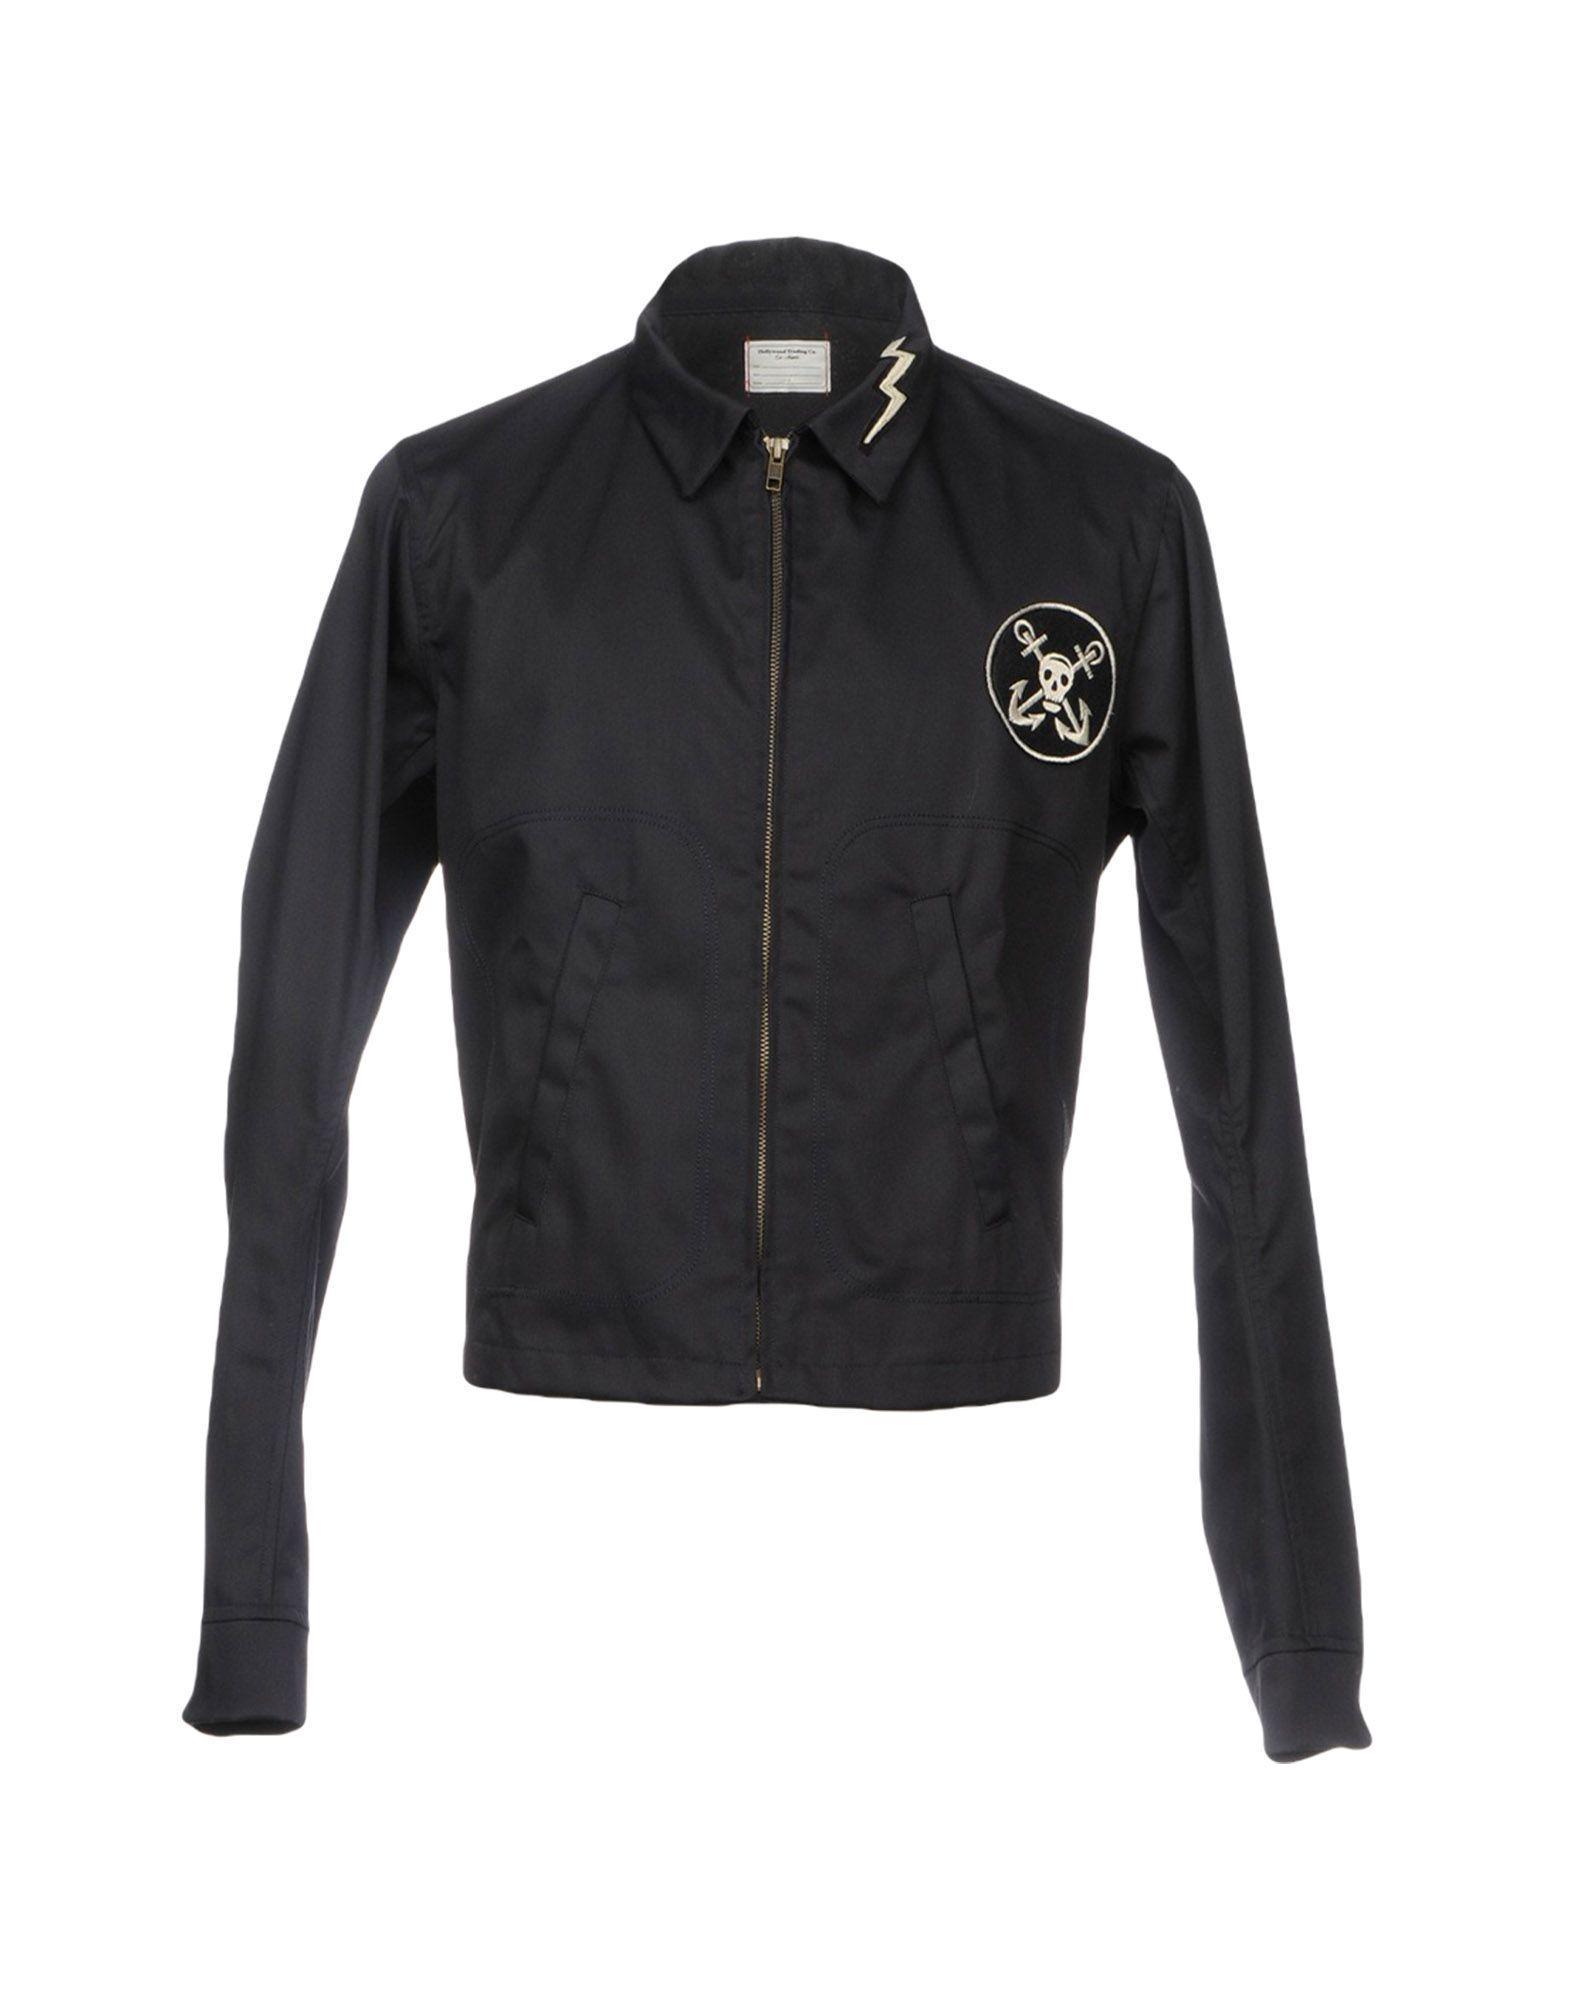 Htc Jacket In Dark Blue